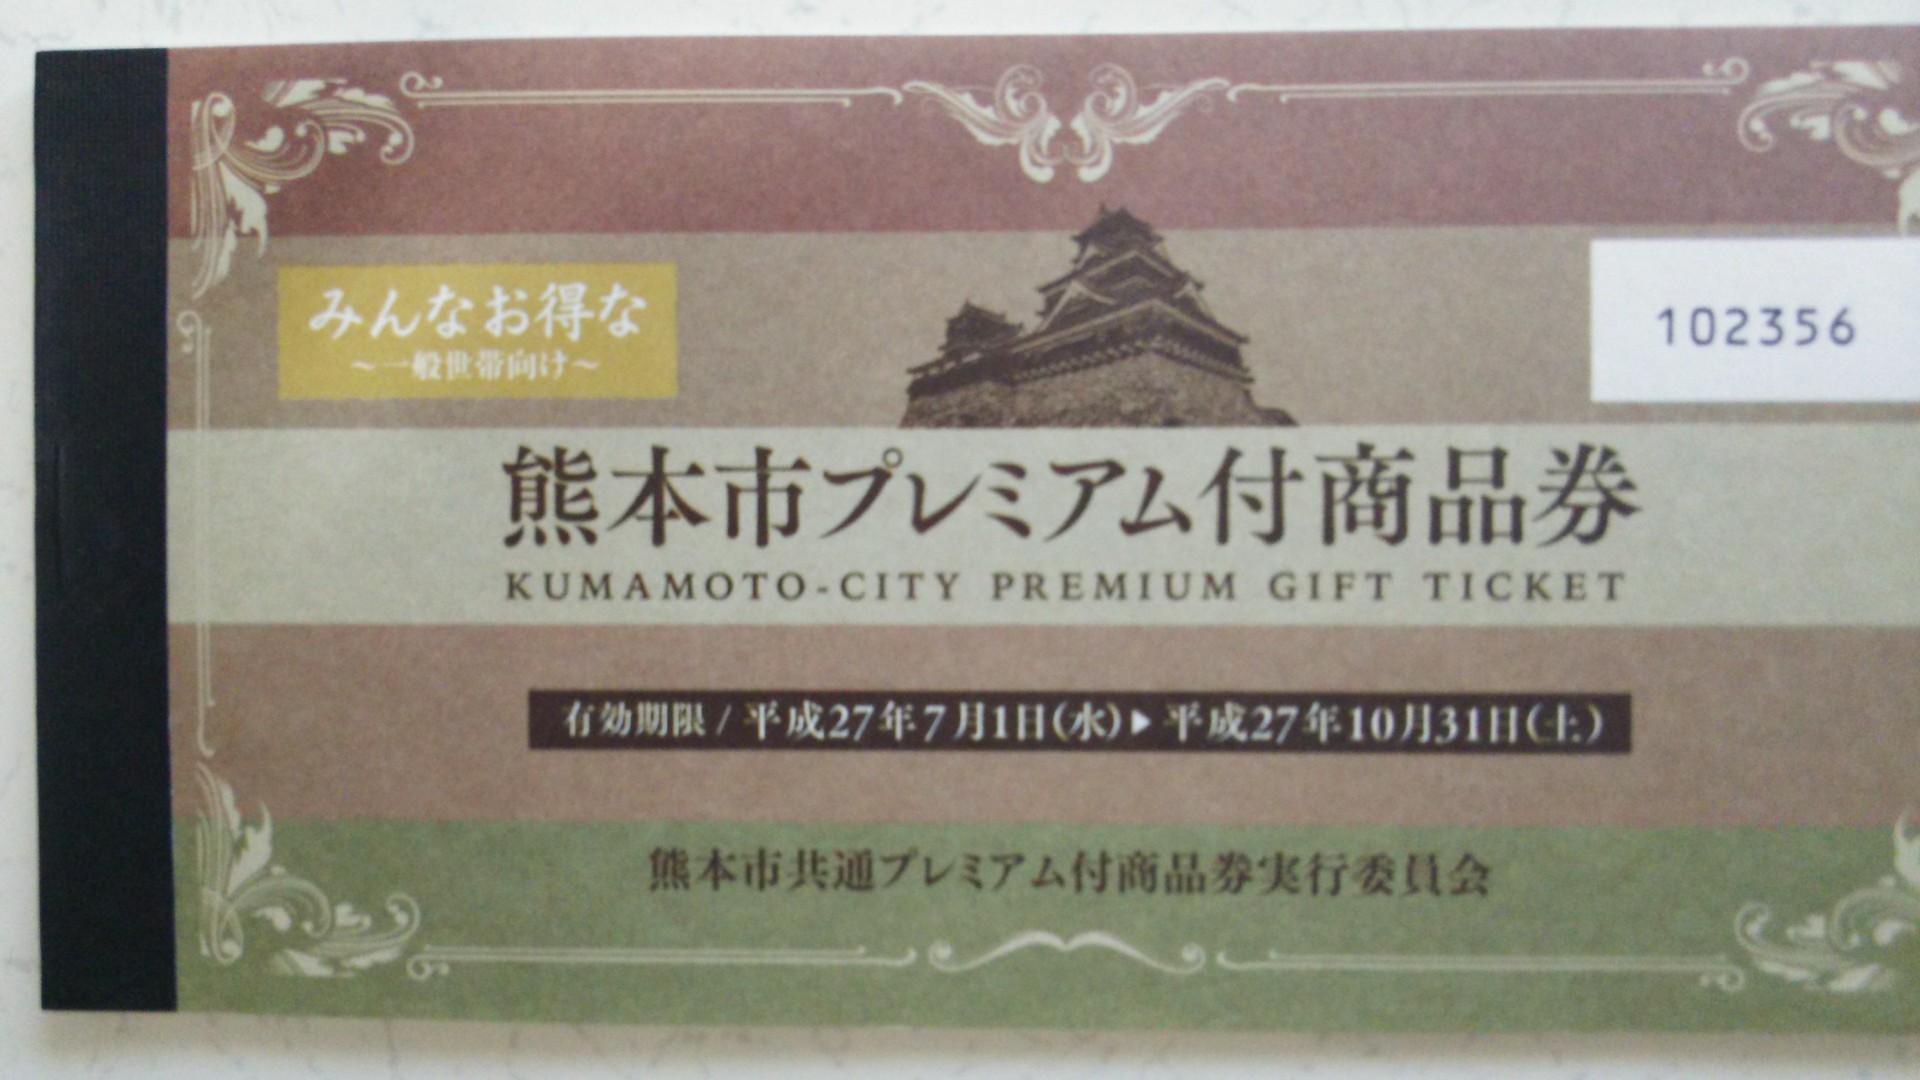 熊本 市 プレミアム 商品 券